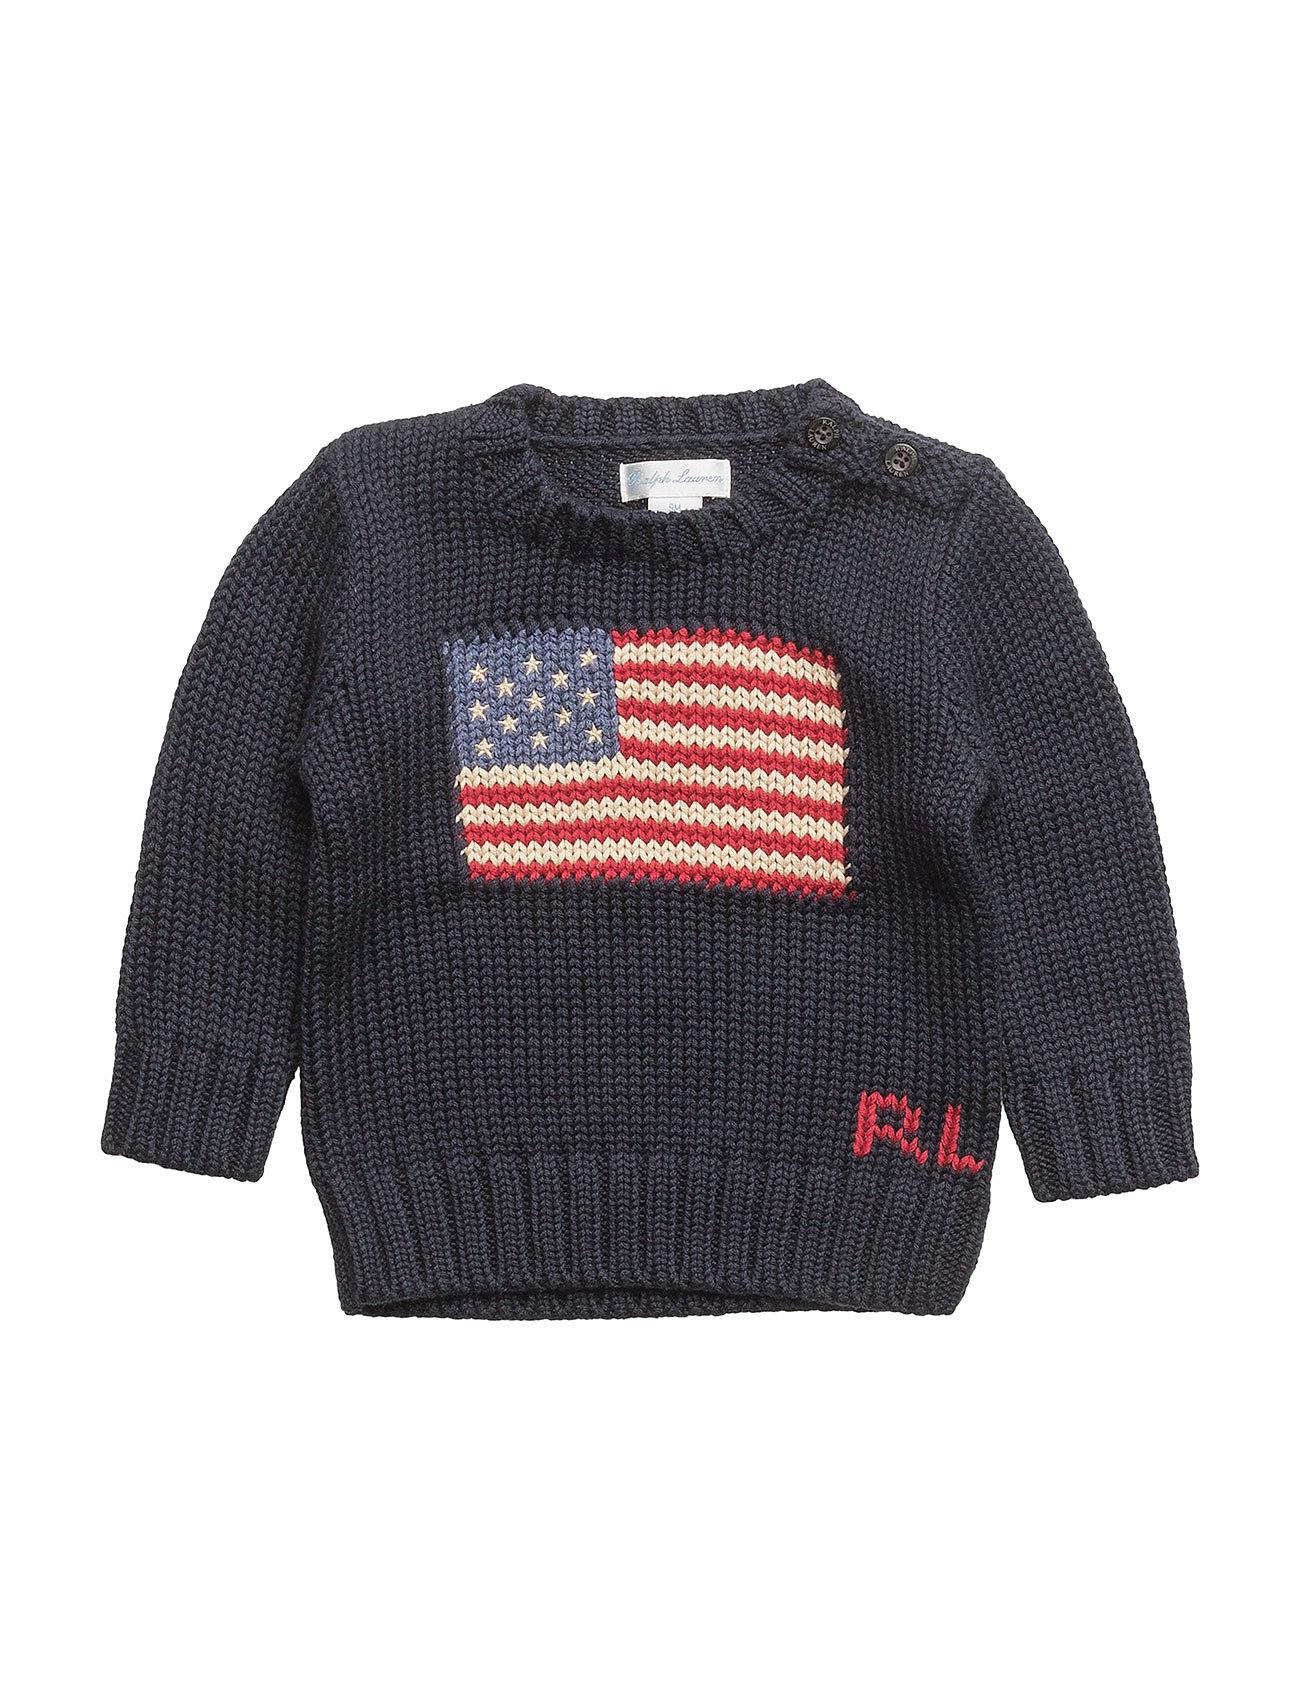 969a1c7a16fda Flag Cotton Sweater (Hunter Navy) (66.75 €) - Ralph Lauren Baby ...